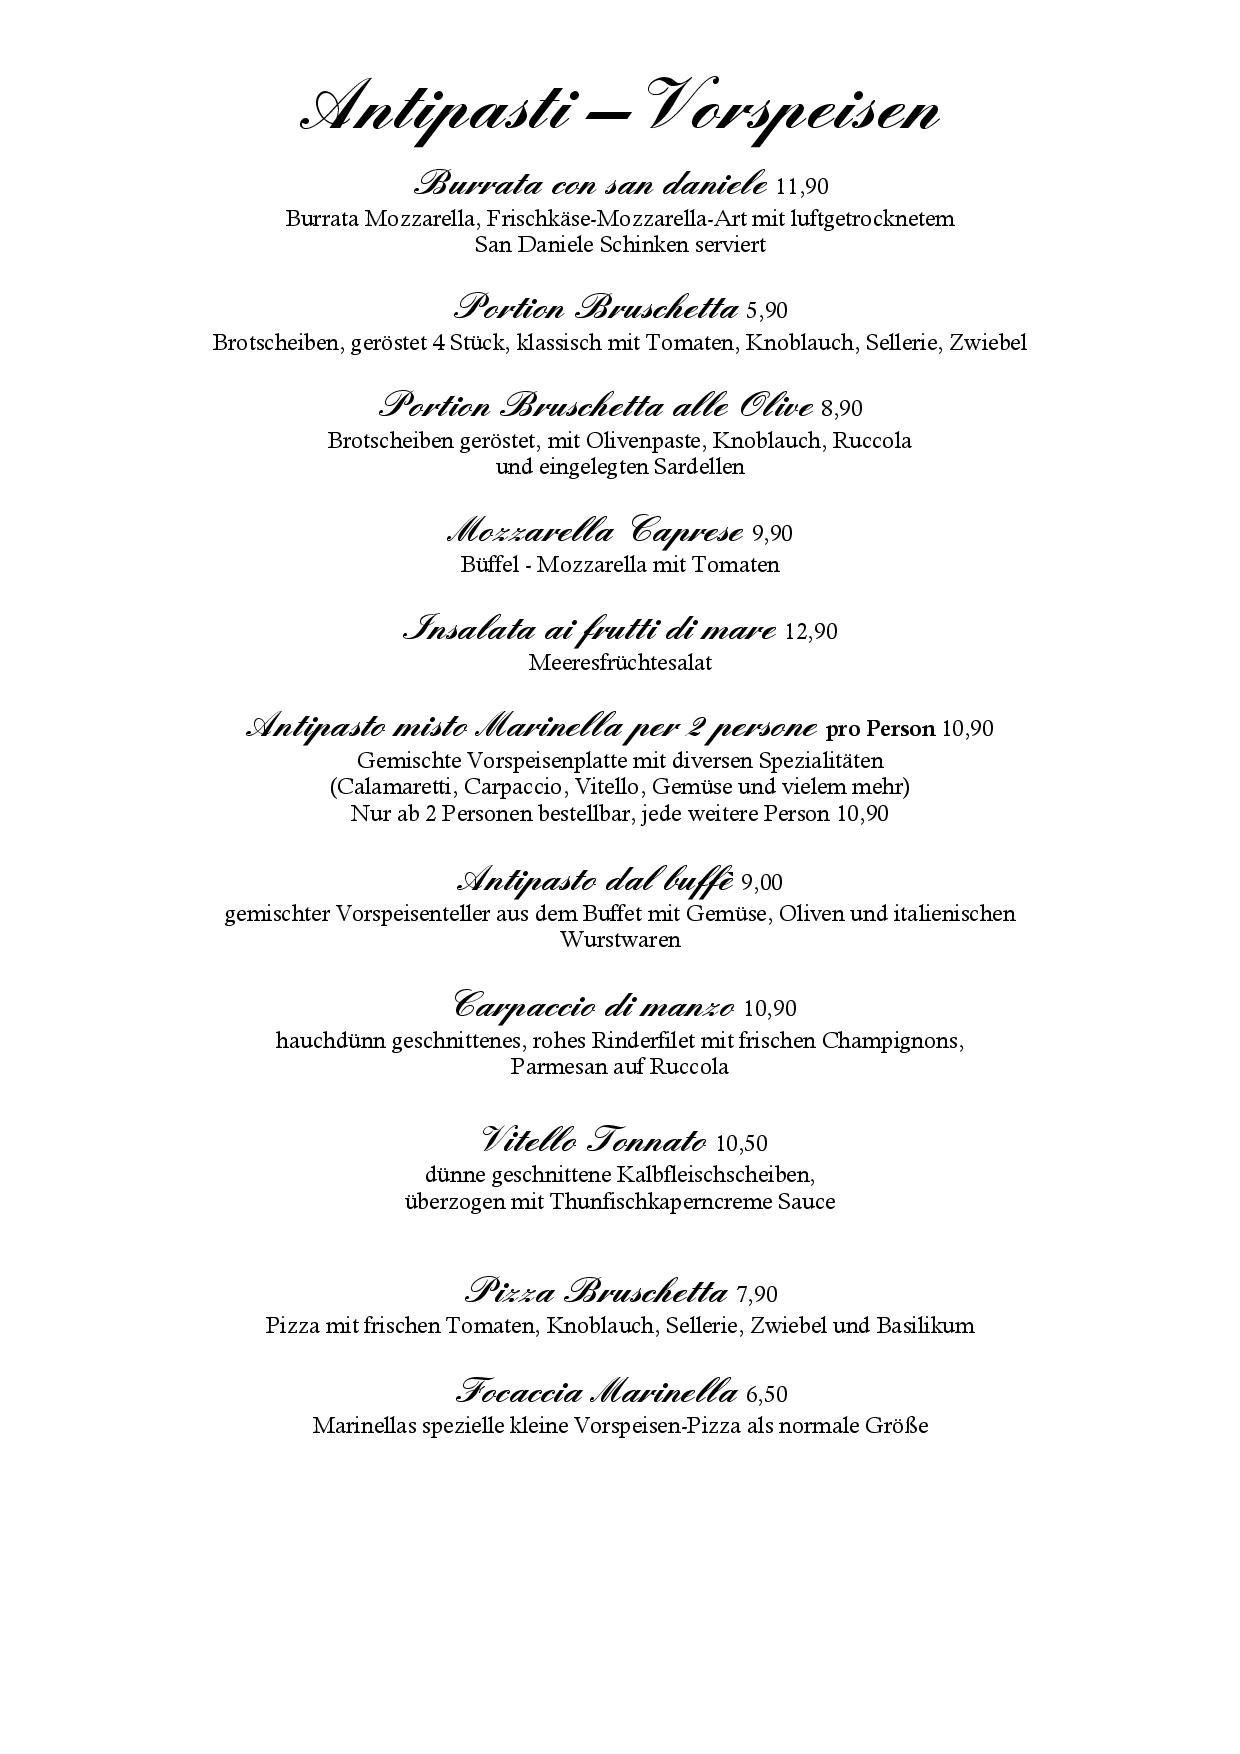 speisekarte-marinella-15-5-21-page-004